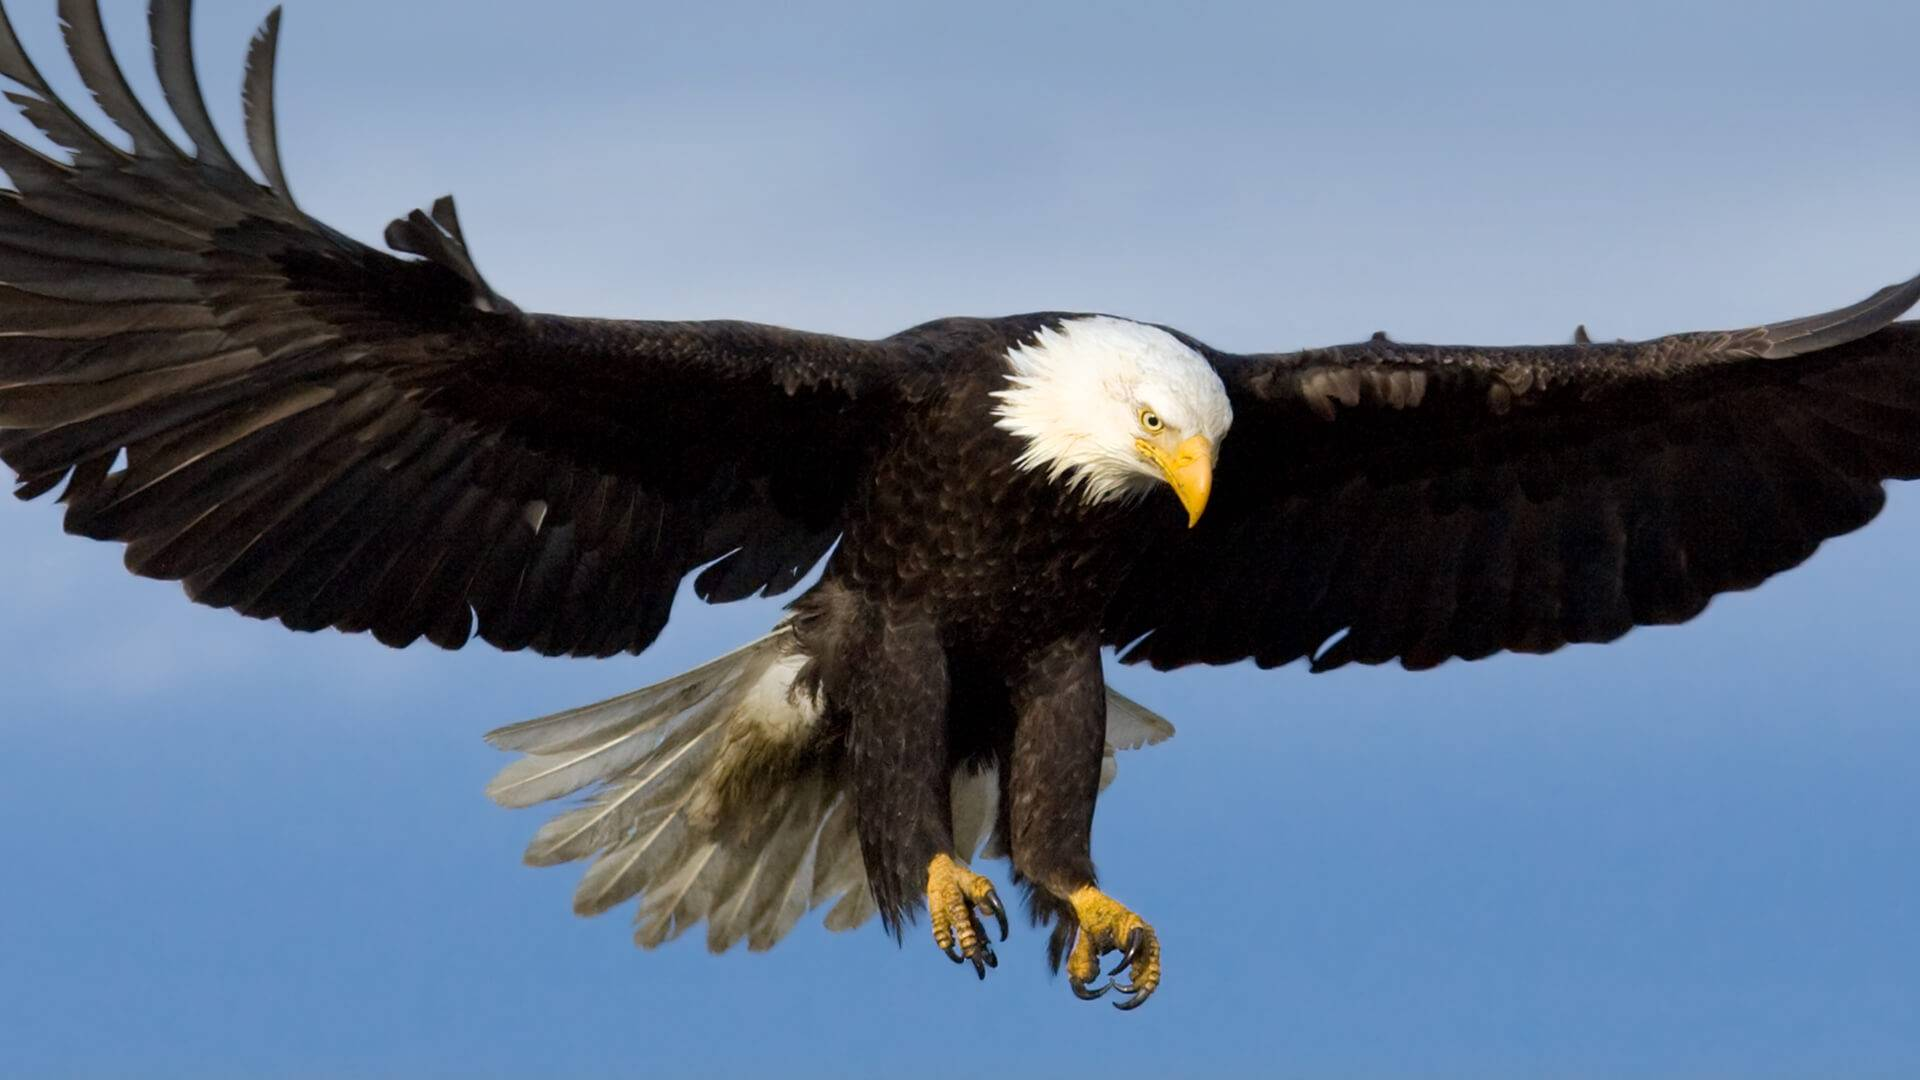 Científicos lograron crear método para que aves dejen de chocarse contra aviones